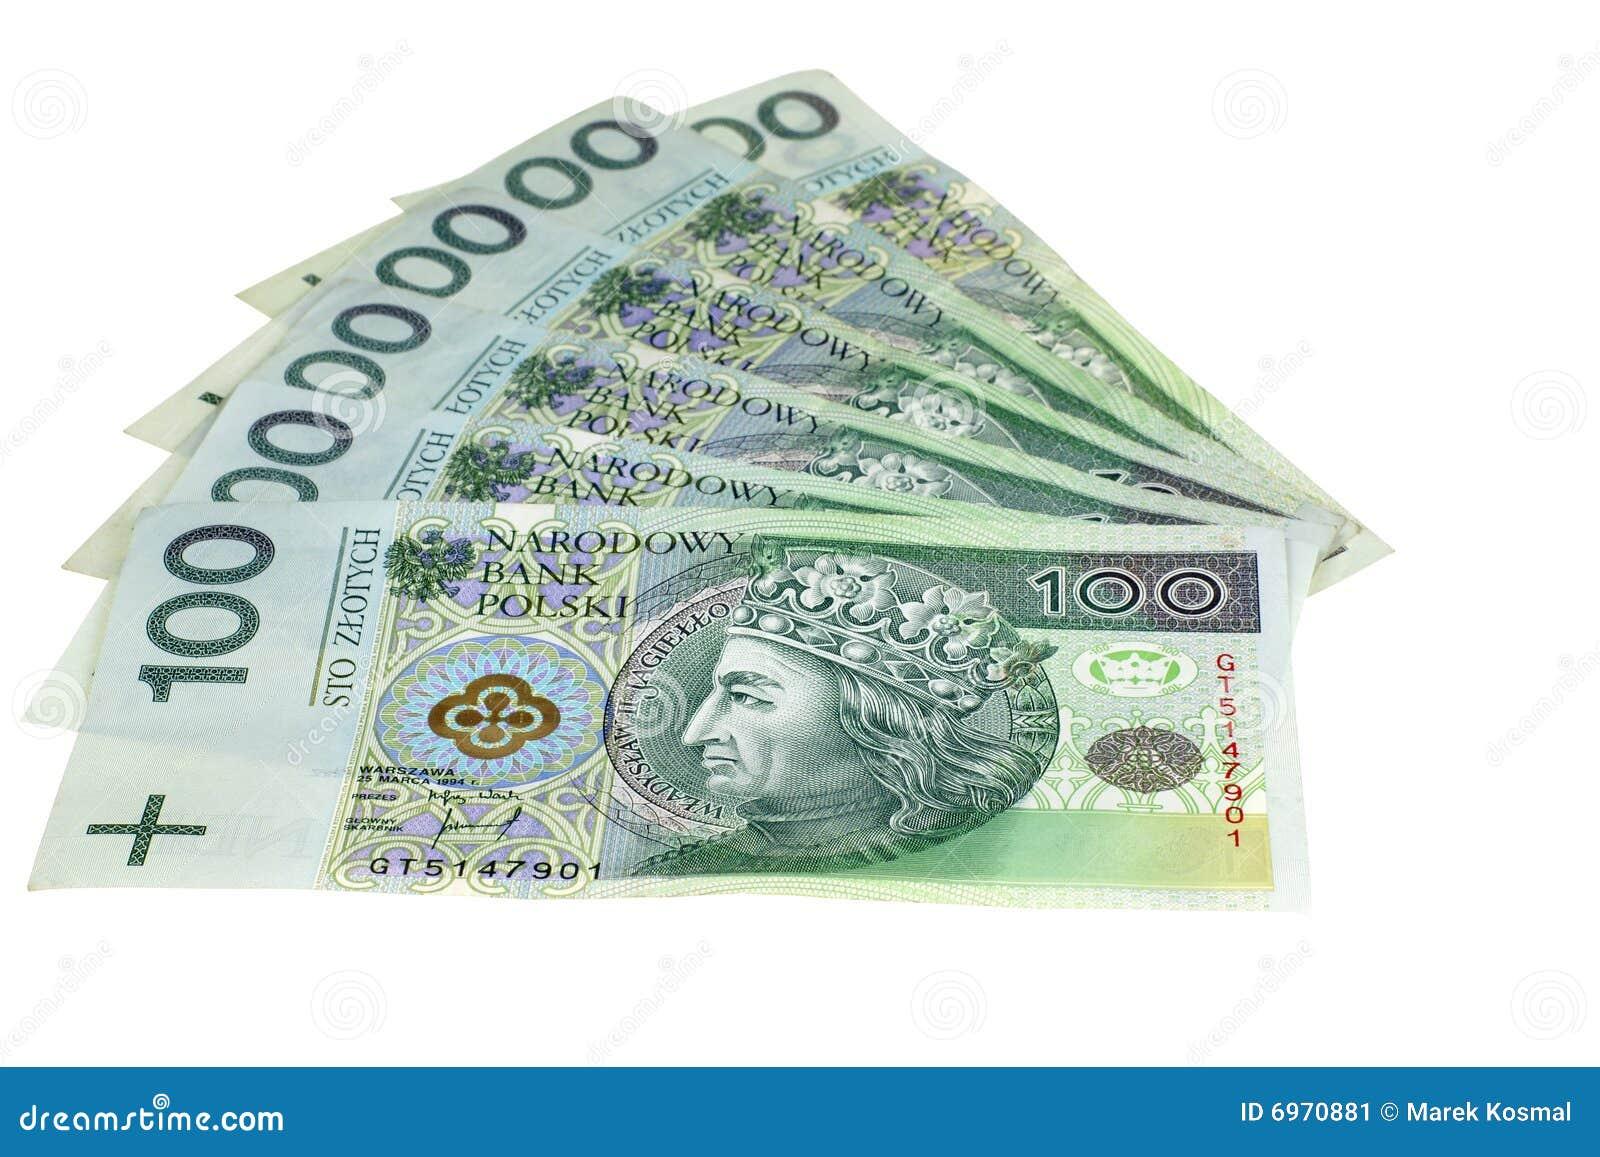 波兰币_背景剪报查出货币路径波兰白色.